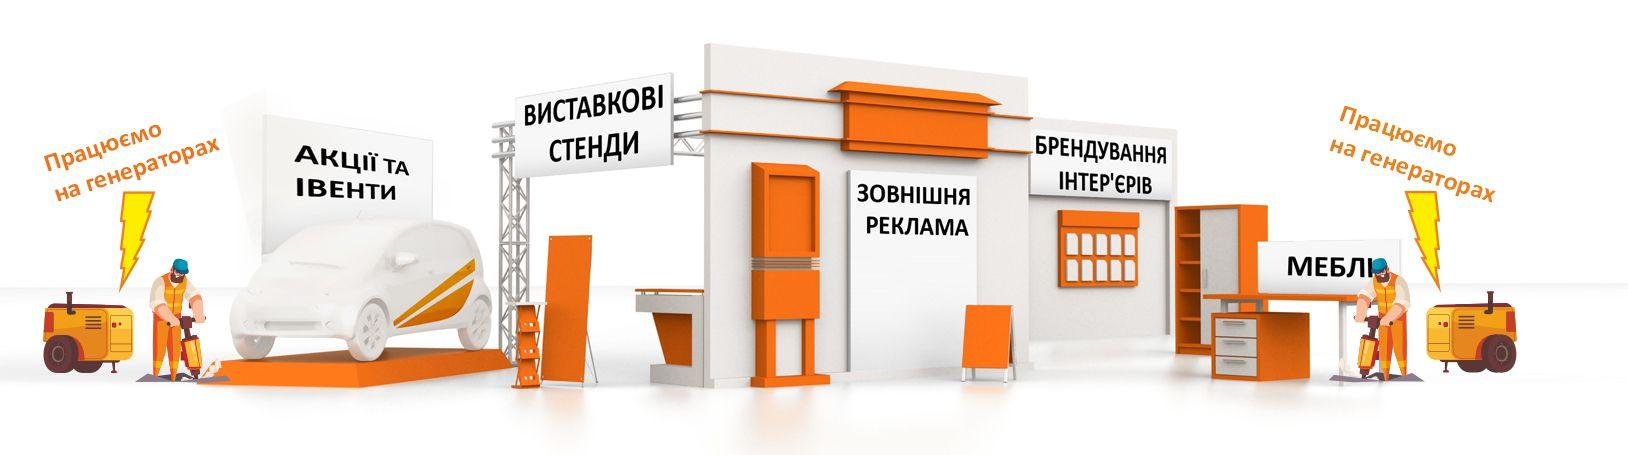 Світ Проектів, рекламна майстерня